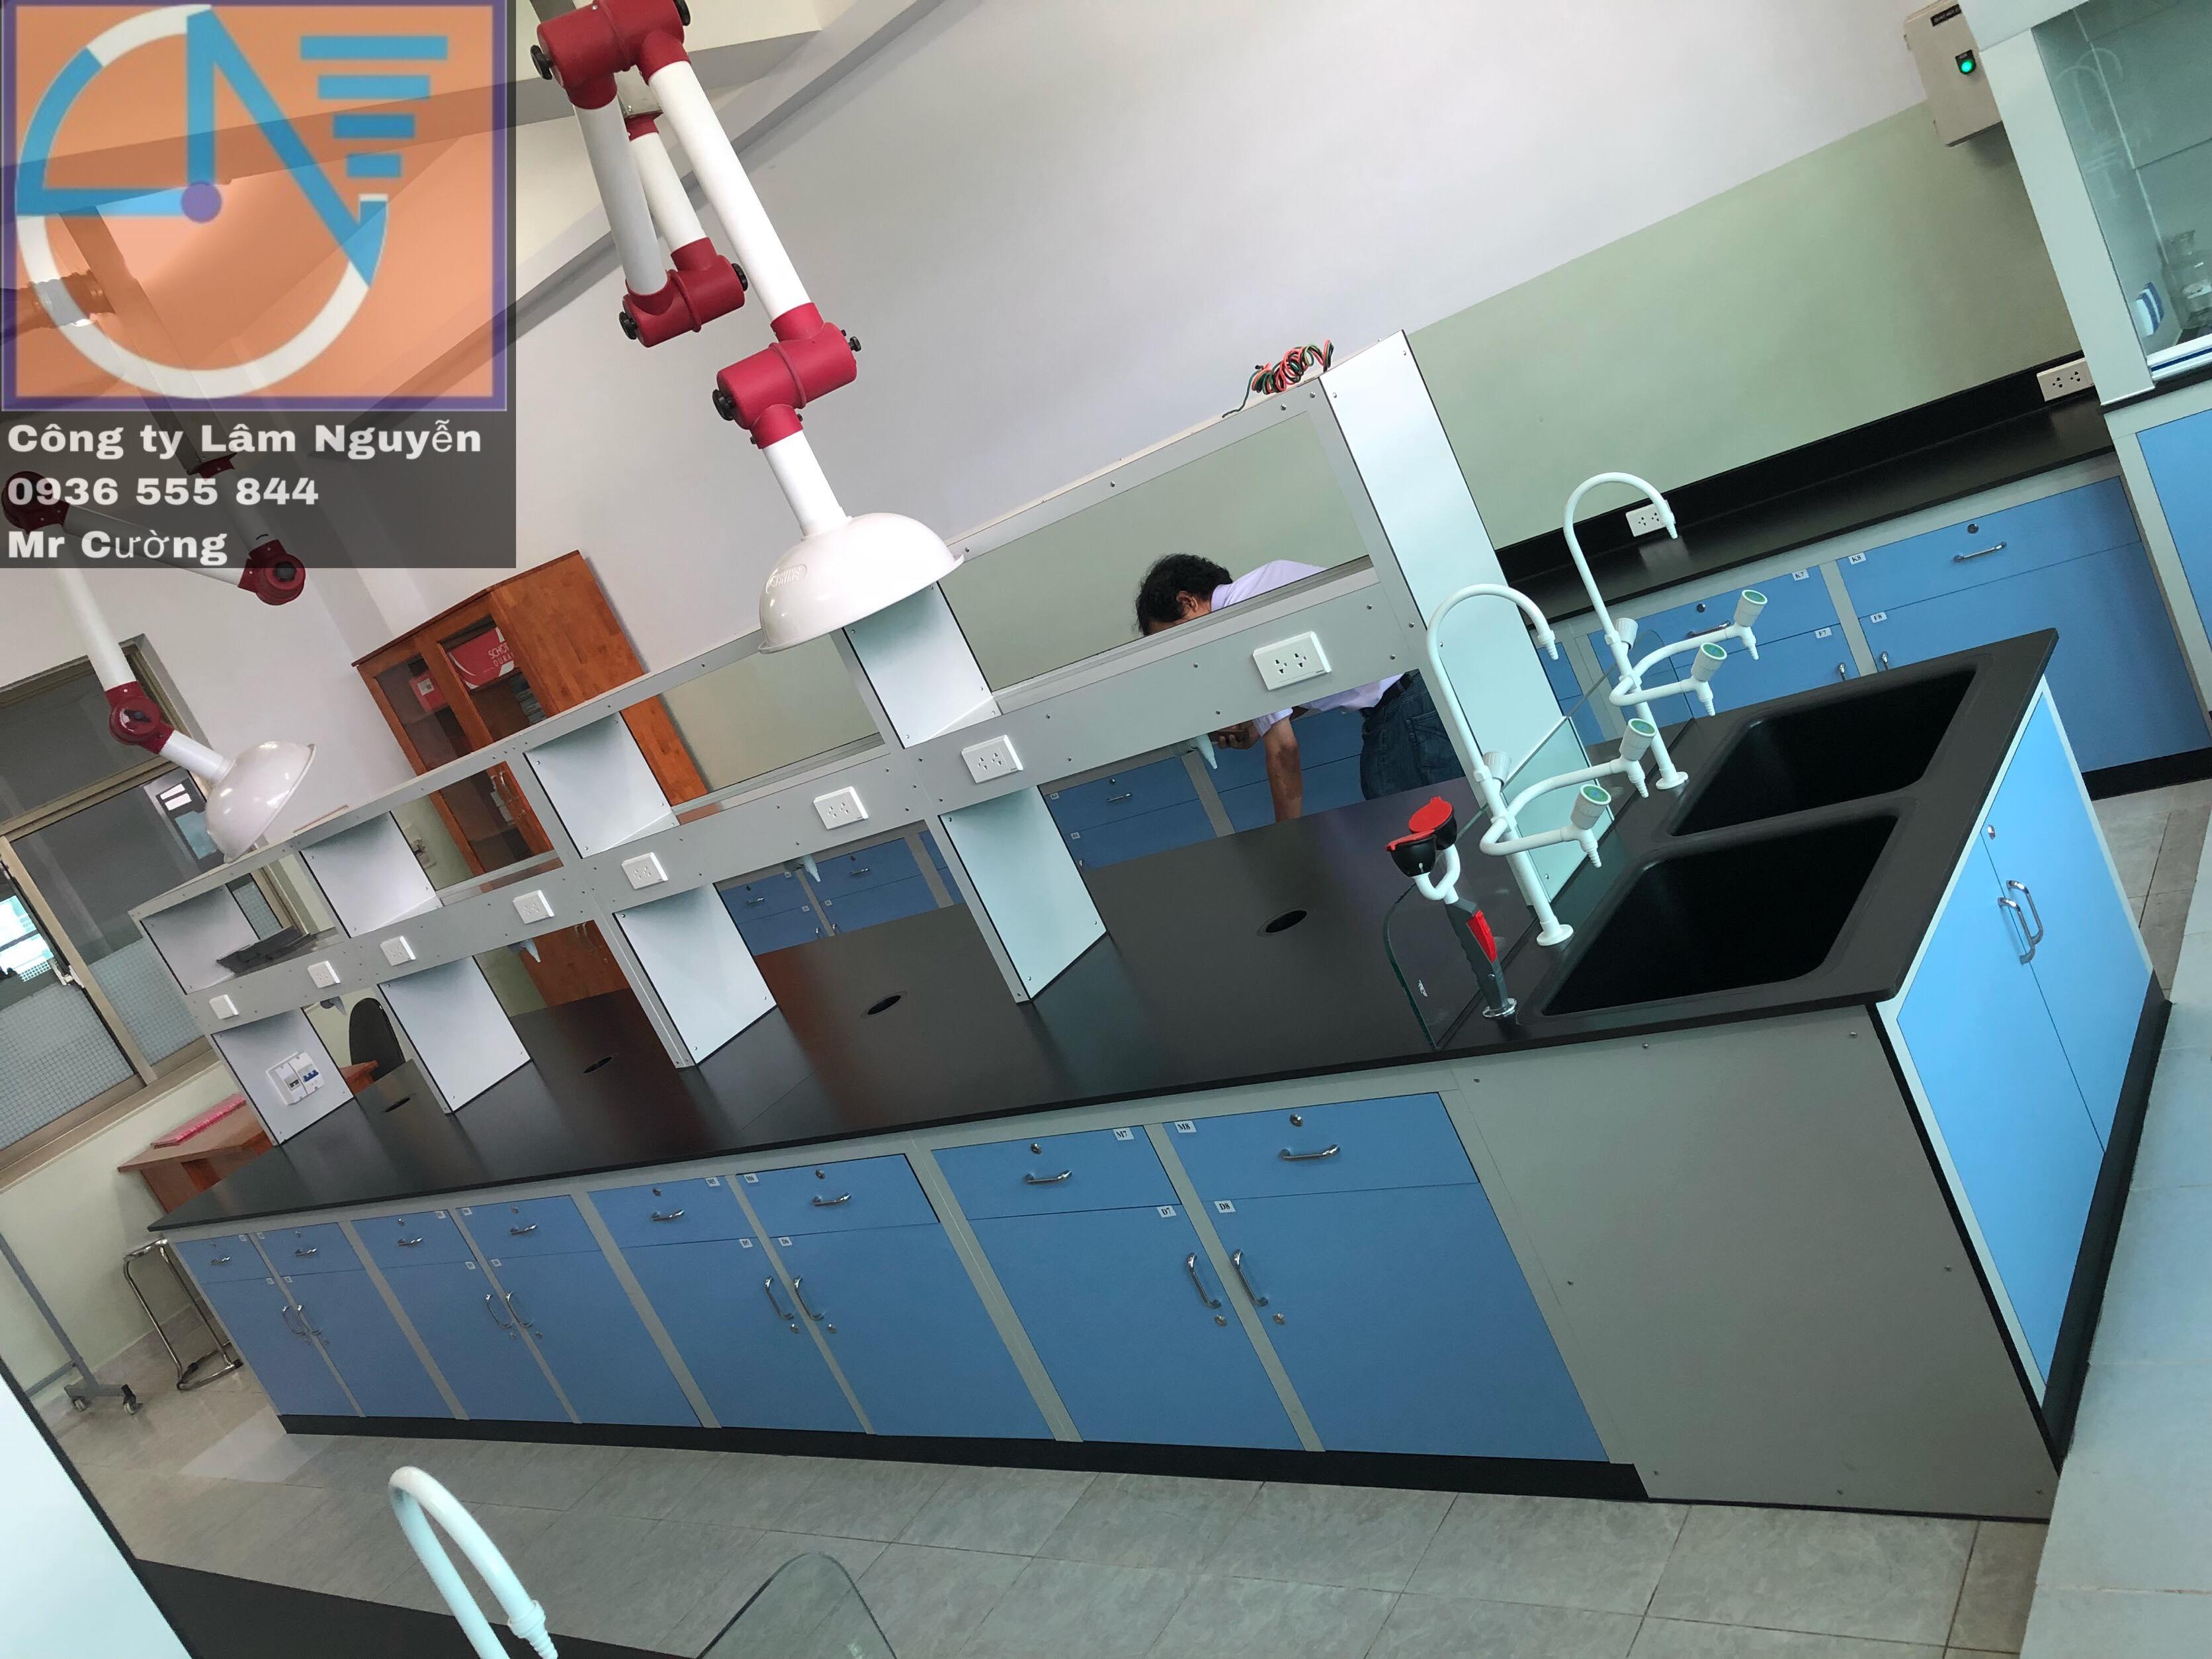 Công ty TNHH kỹ thuật và xây dựng Lâm Nguyễn (LAMNGUYEN E&C)